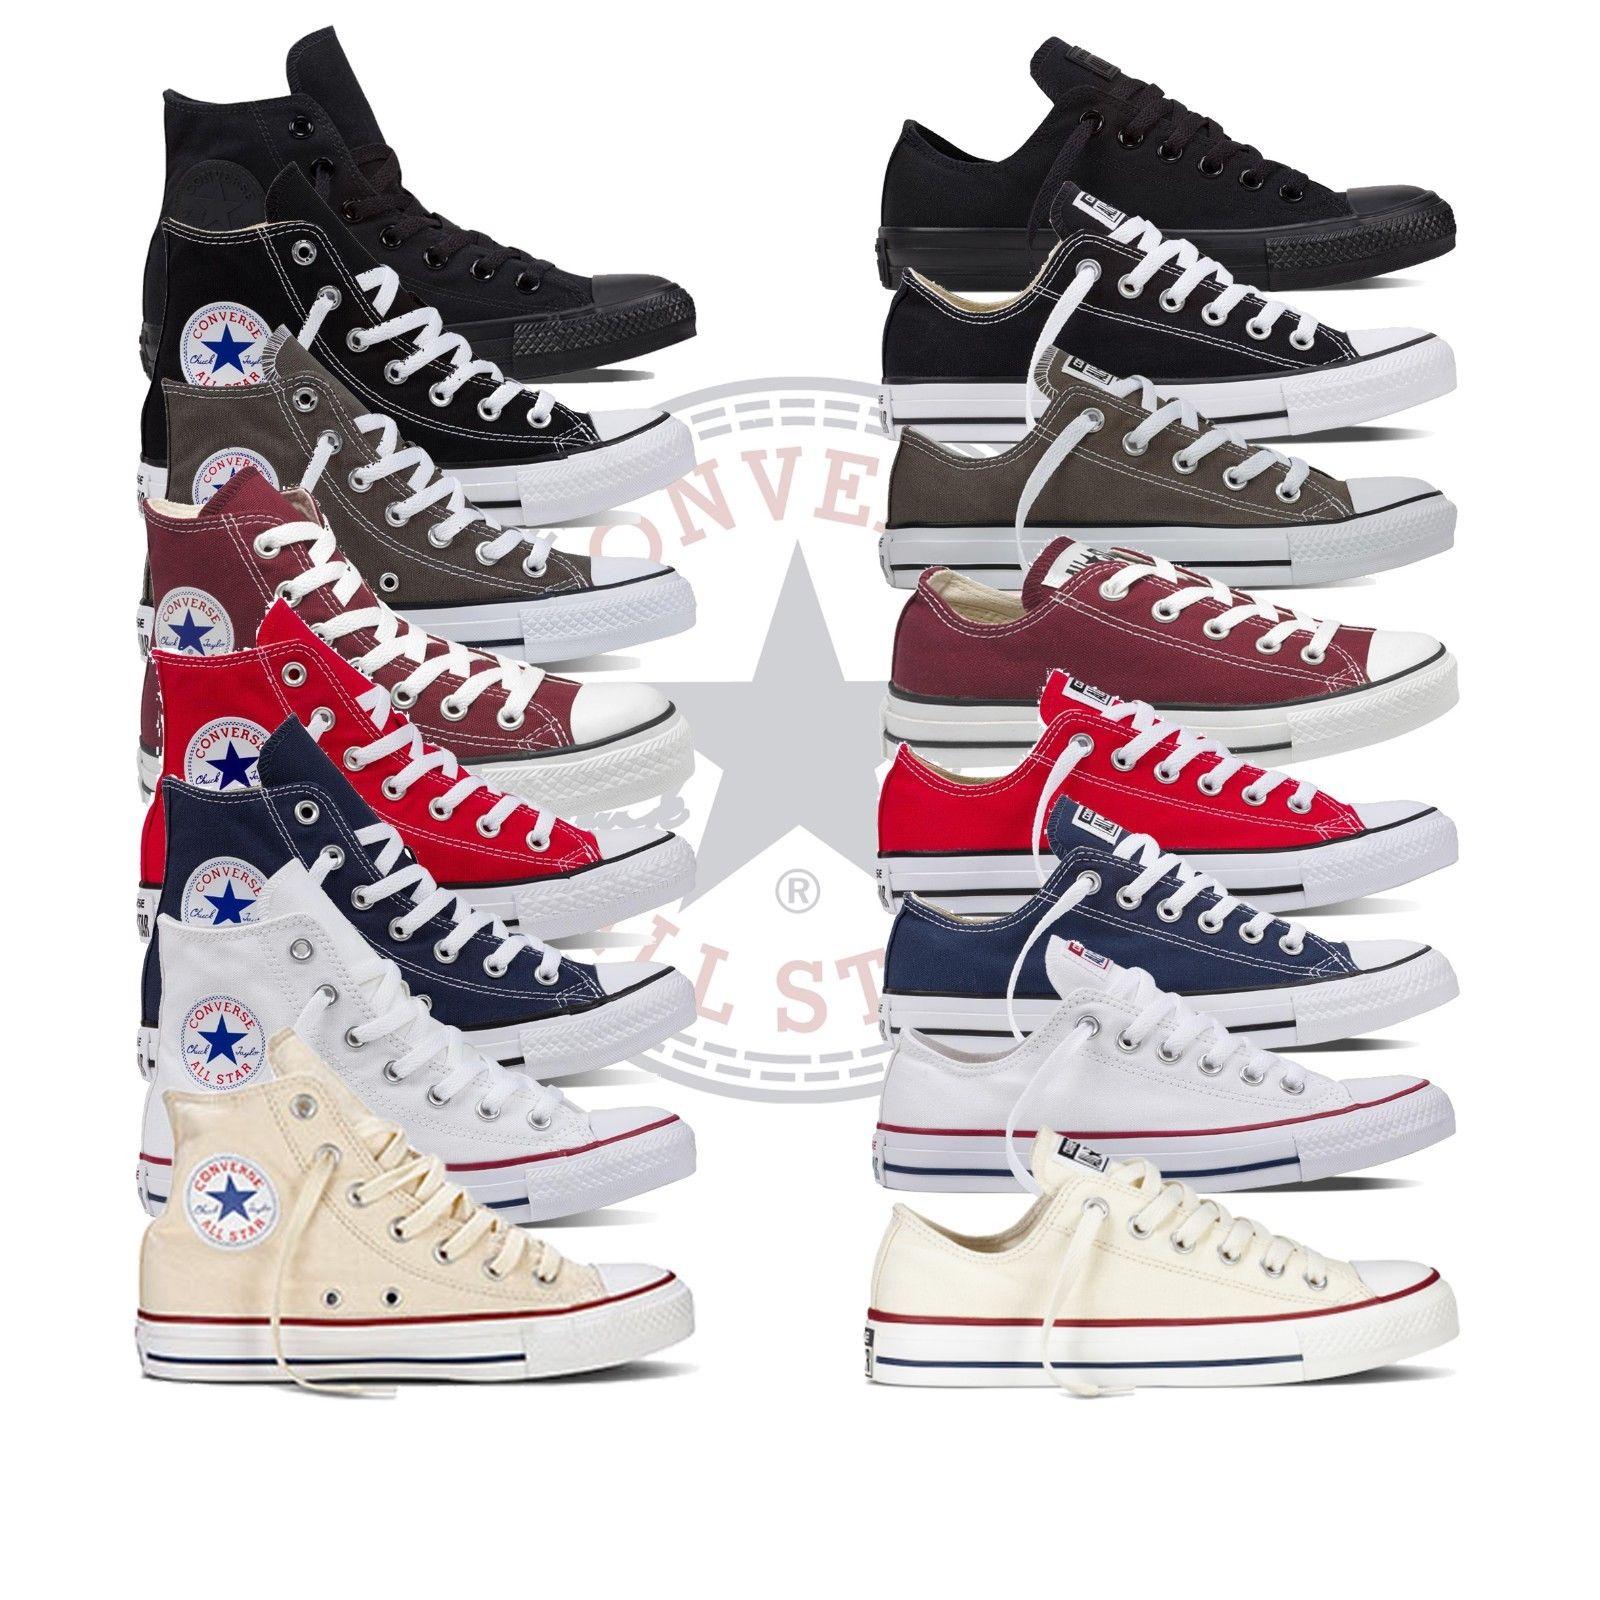 Details zu Converse Chucks Taylor All Star Sneaker Schuhe Turnschuhe Herren  Damen Freizeit